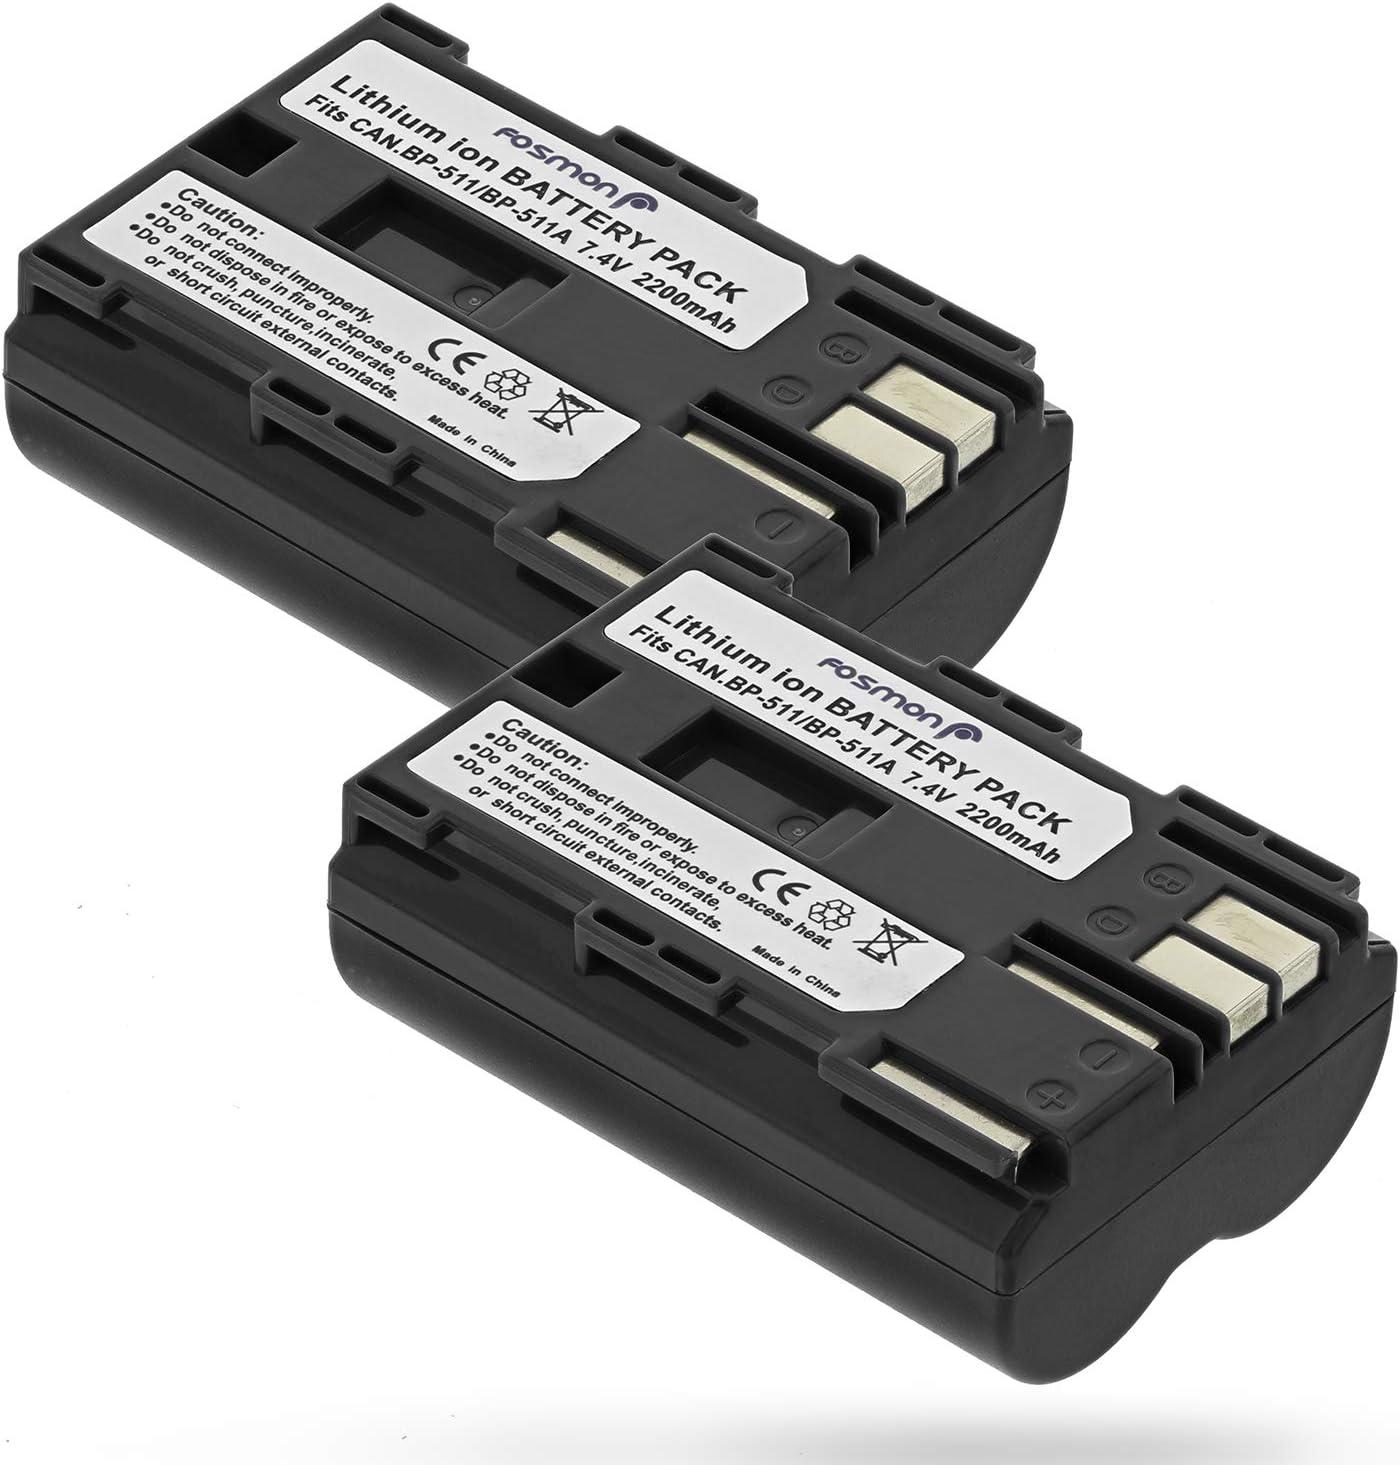 Fosmon Canon BP-511 / BP-512 Replacement Battery Pack Batería de repuesto para Canon EOS 10D, 20D, 20Da, 30D, 40D, 50D, 5D, D30, D60 / PowerShot G1, G2, G3, G5, G6 / EOS Digital Rebel / Optura Xi